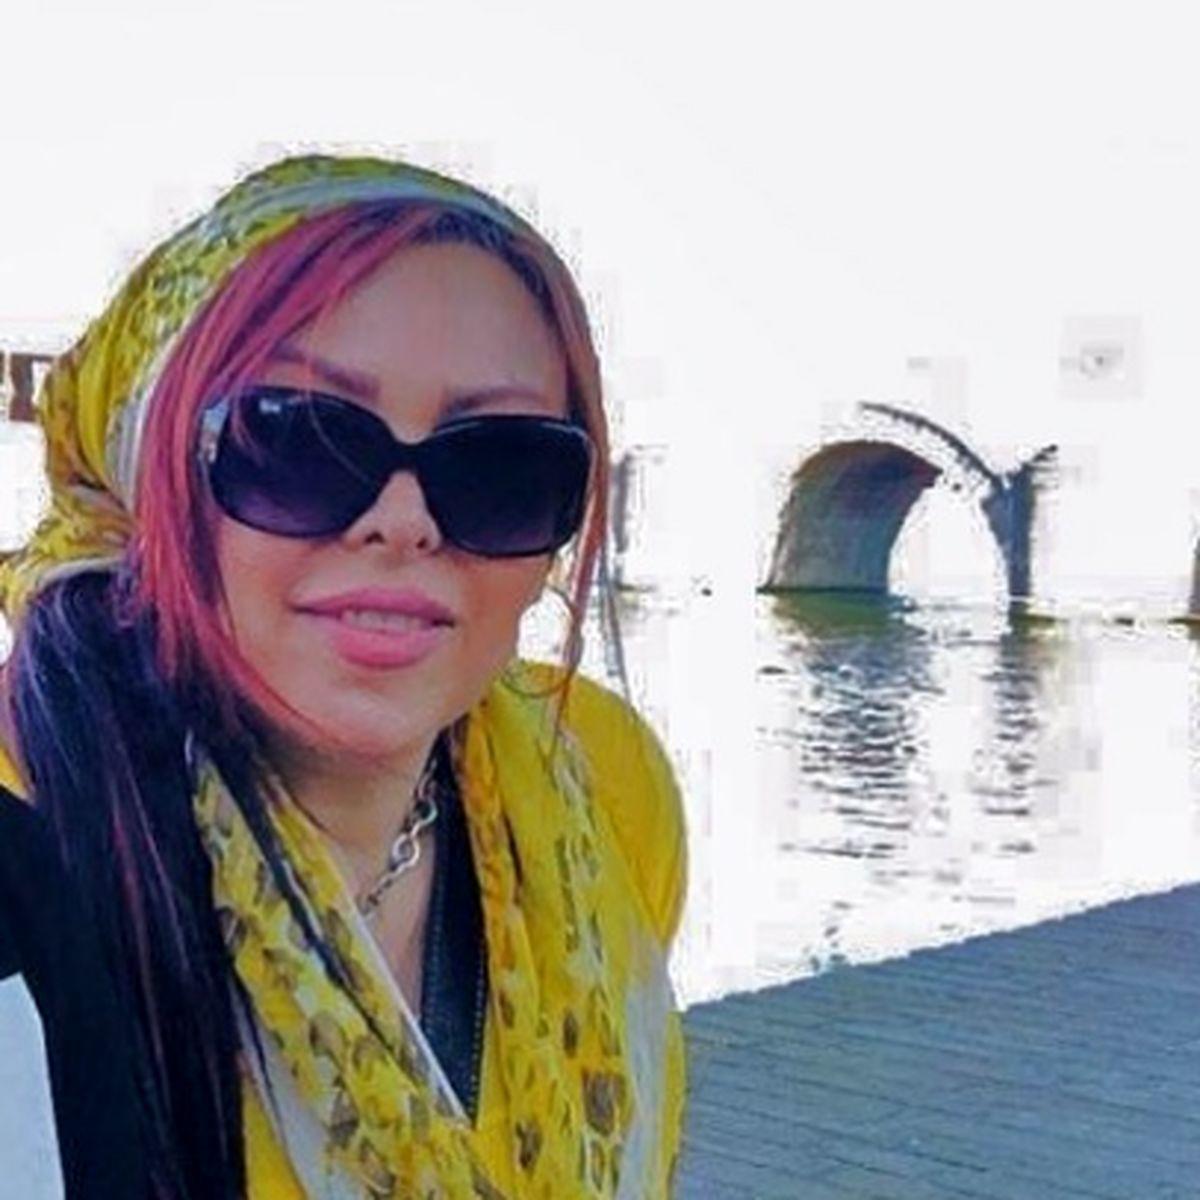 عکس بی حجاب فلور نظری کنار دریاچه با لباس یقه باز